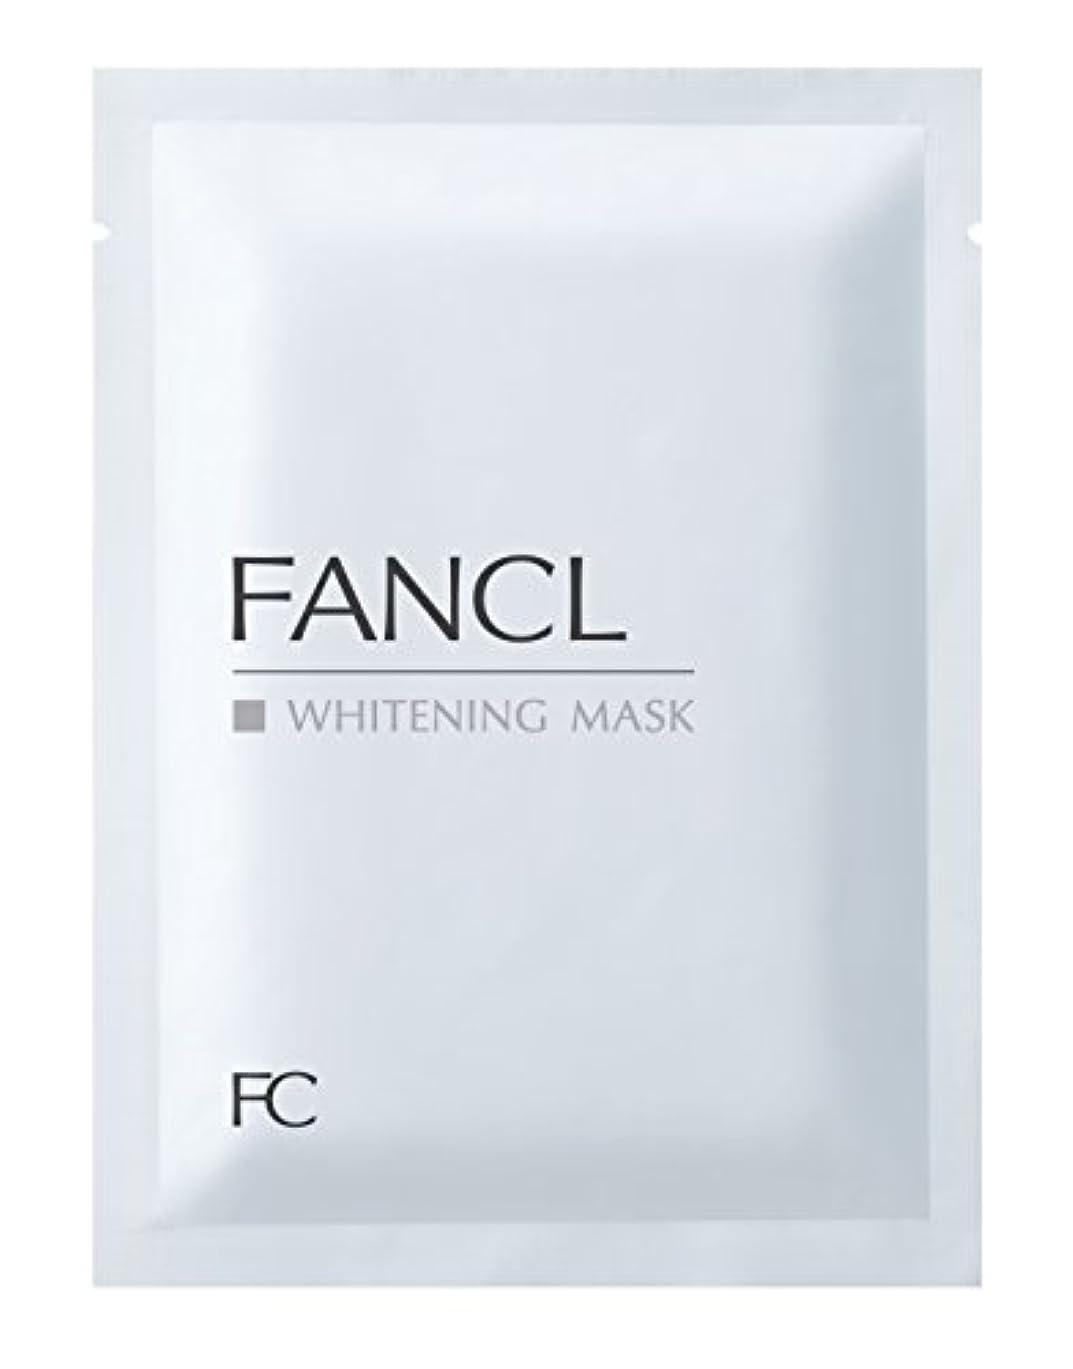 乱れ他に上に(旧)ファンケル(FANCL) ホワイトニング マスク<医薬部外品> 21mL×6枚